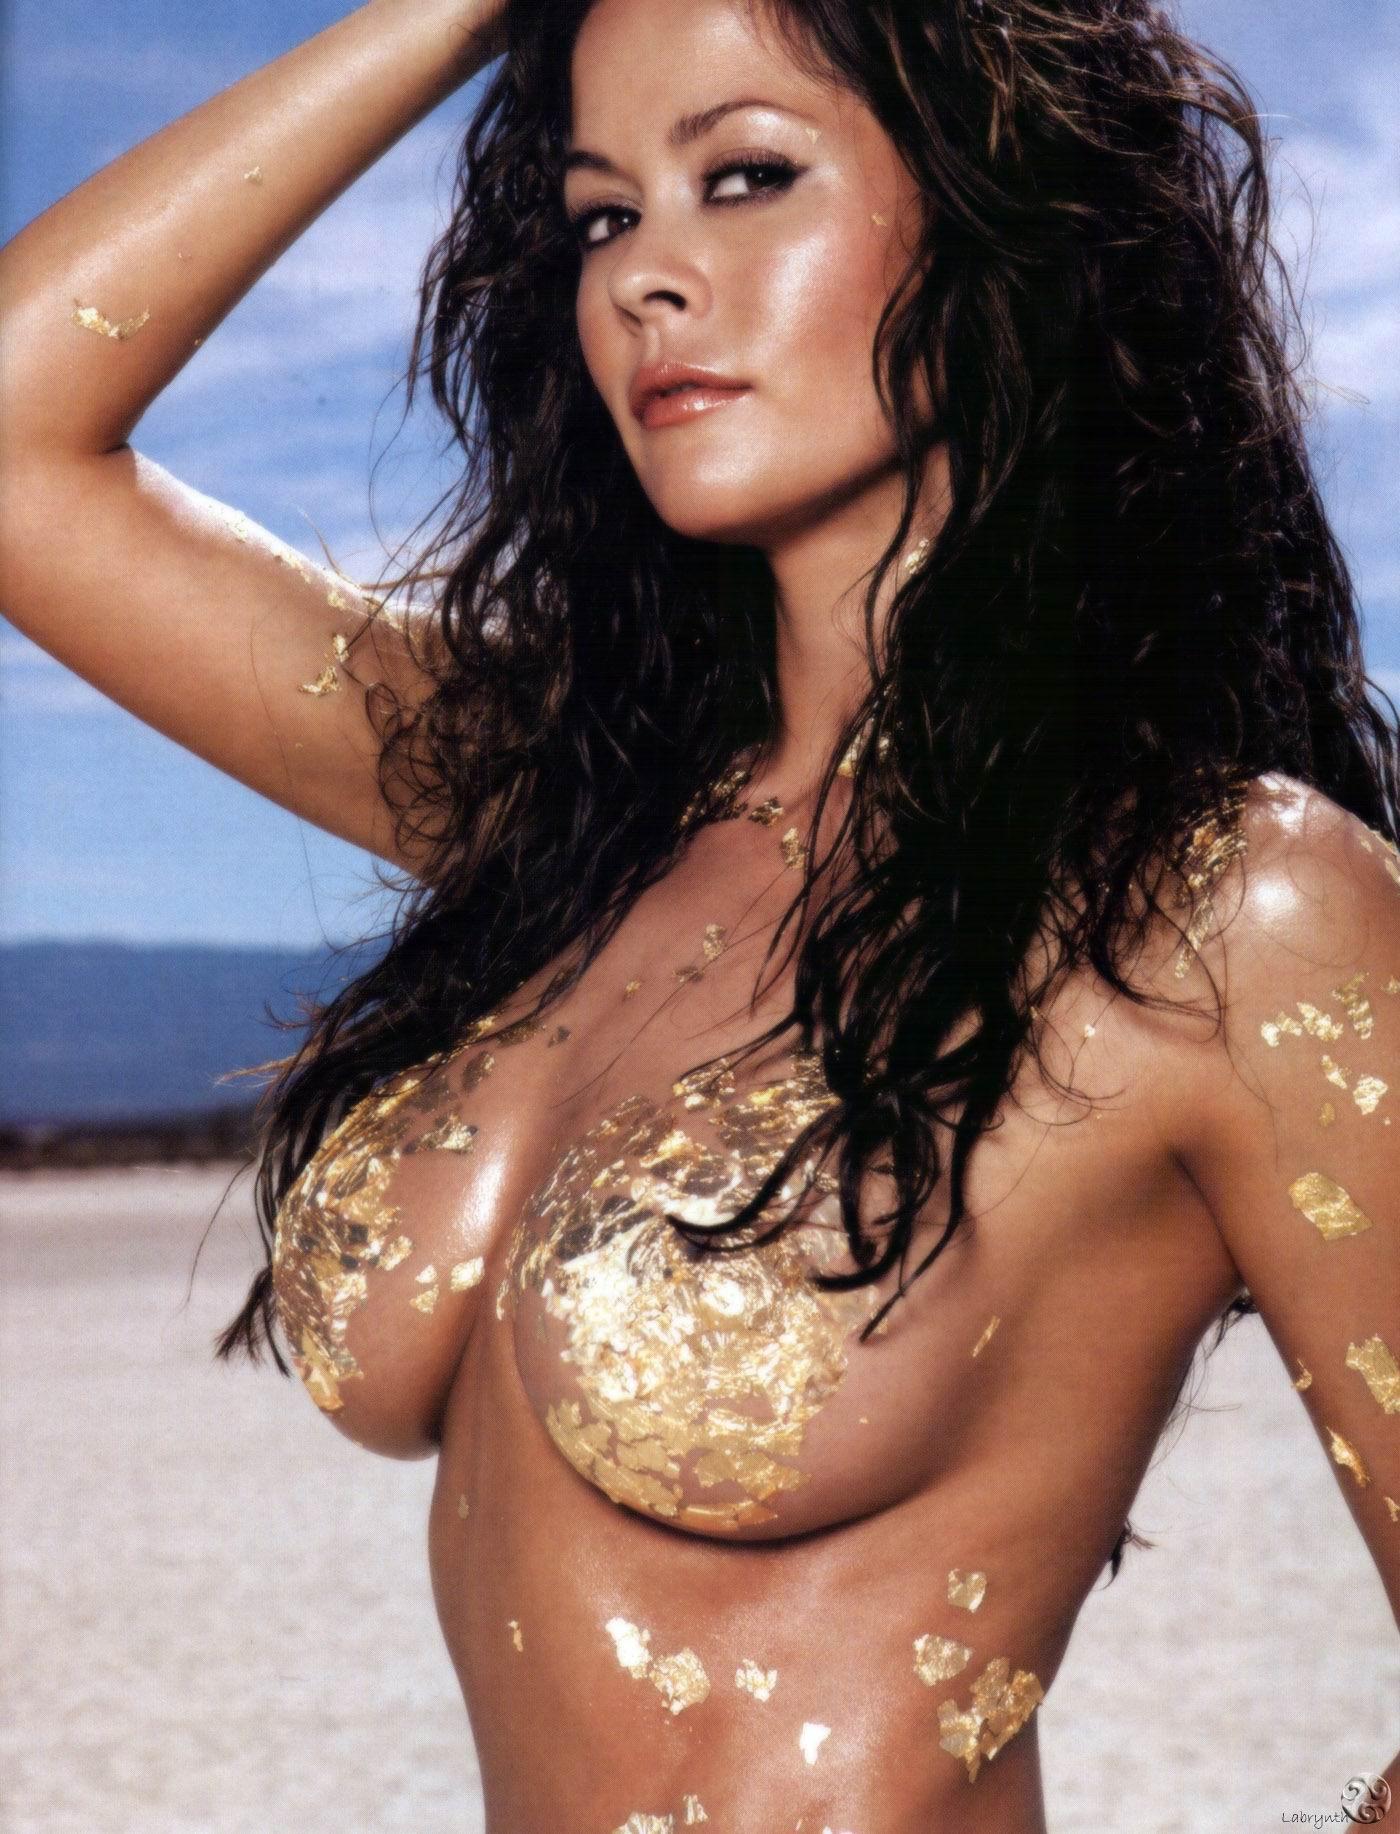 celebridades desnudas: Crnicas, Fotos y Vdeos de